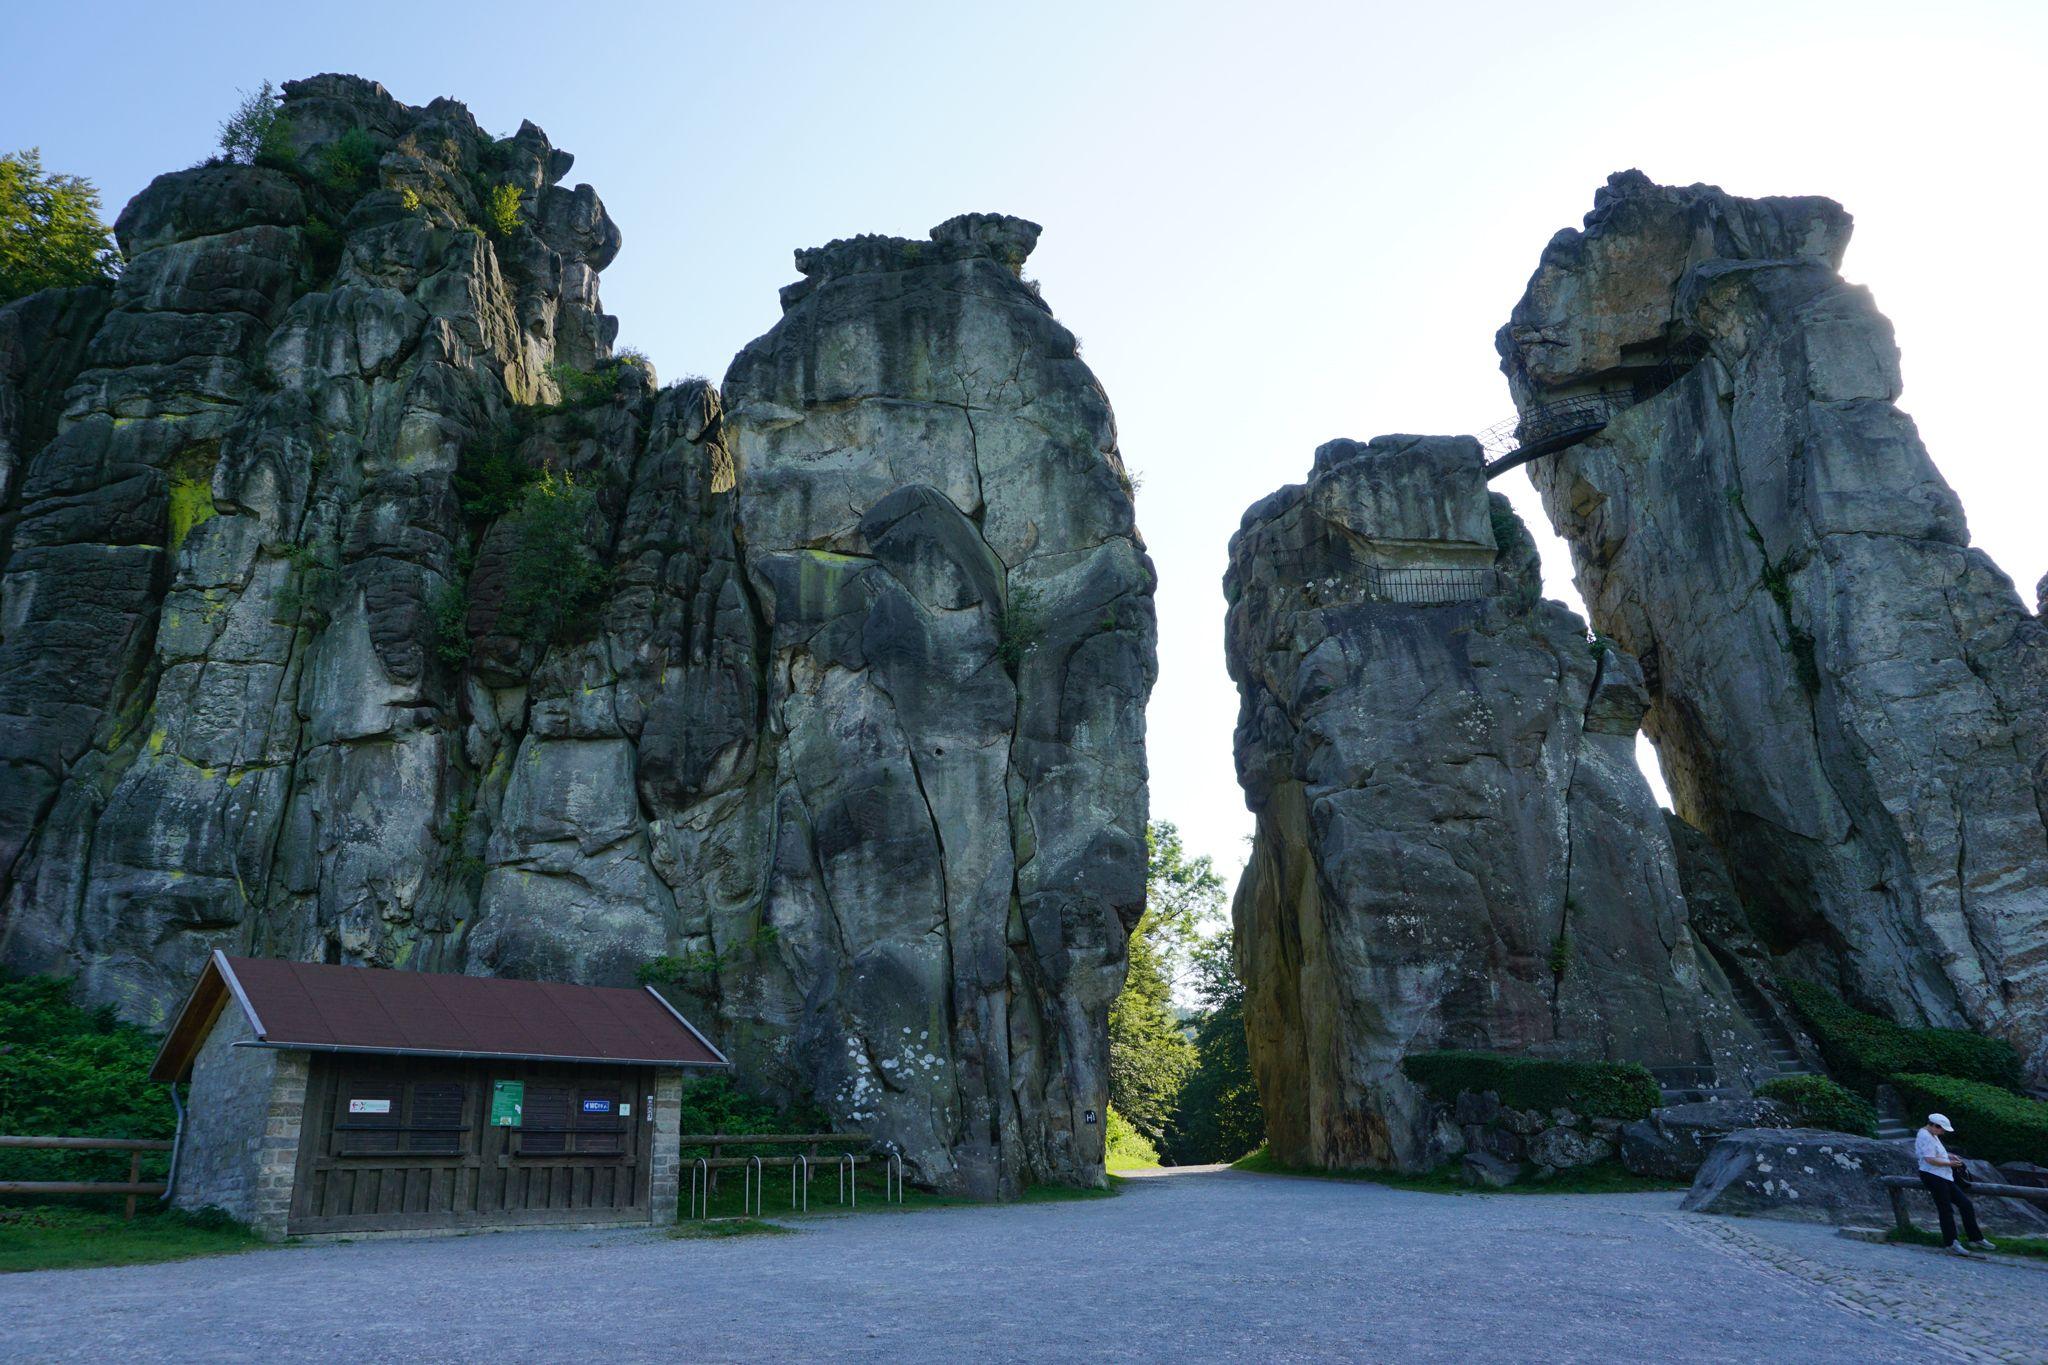 Horn Bad externsteine bei horn bad meinberg in der nähe detmold http